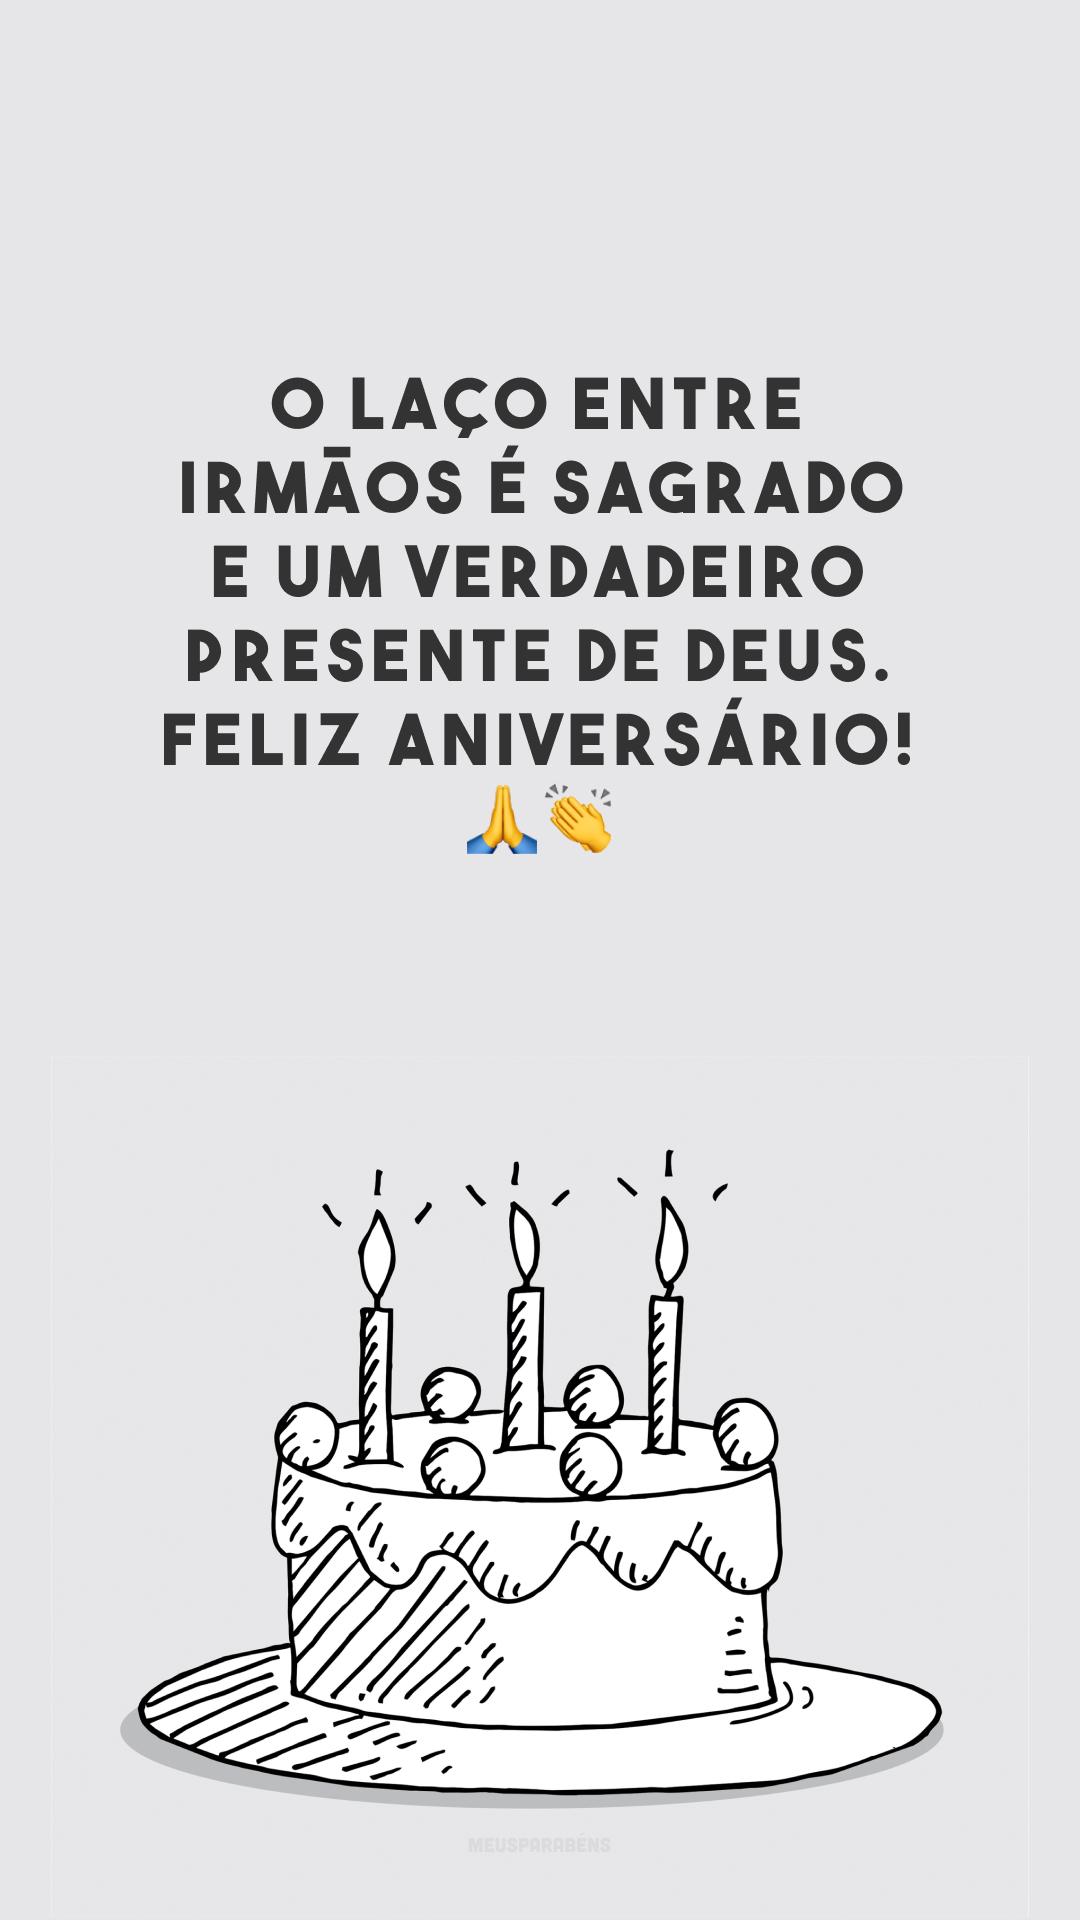 O laço entre irmãos é sagrado e um verdadeiro presente de Deus. Feliz aniversário! ??